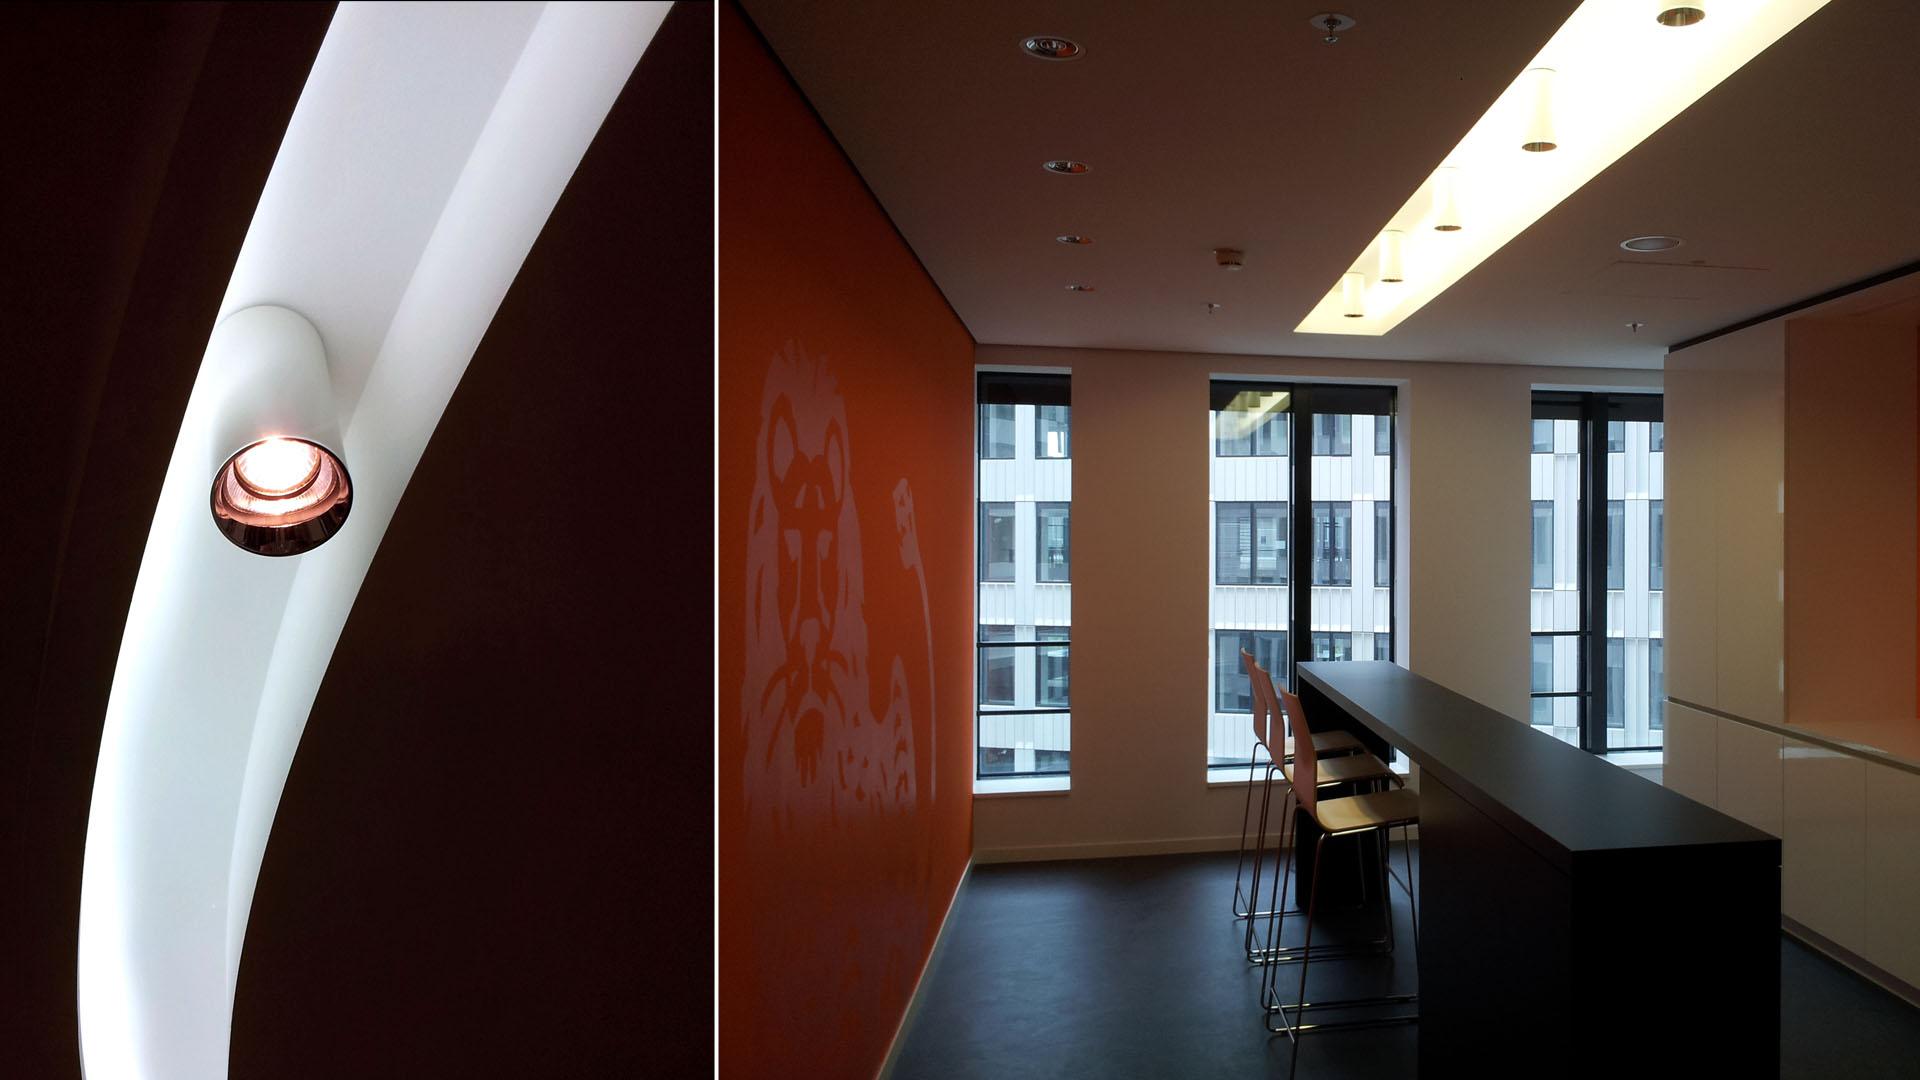 MAASS-Lichtplanung_Lichtplanung repräsentativer Bereiche der ING-DiBa Hauptzentrale__MAASS-Poseidonhaus-Innen-002